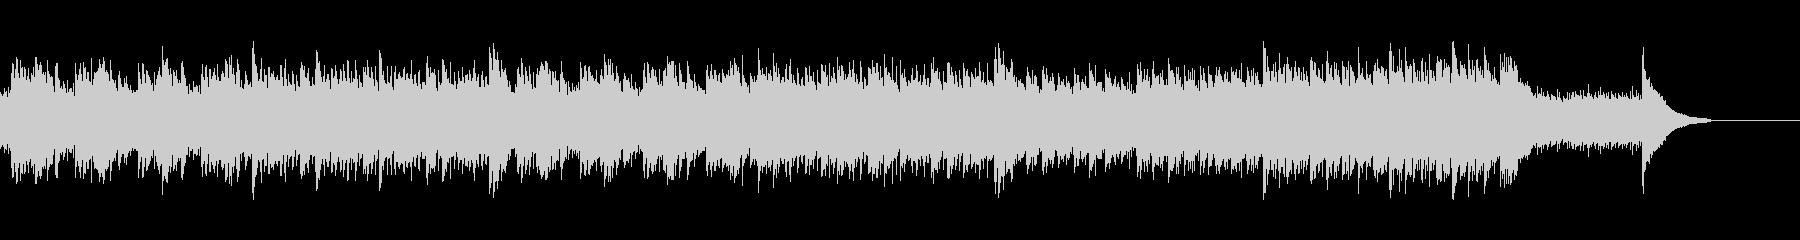 アコースティックセンチメンタル#33-1の未再生の波形